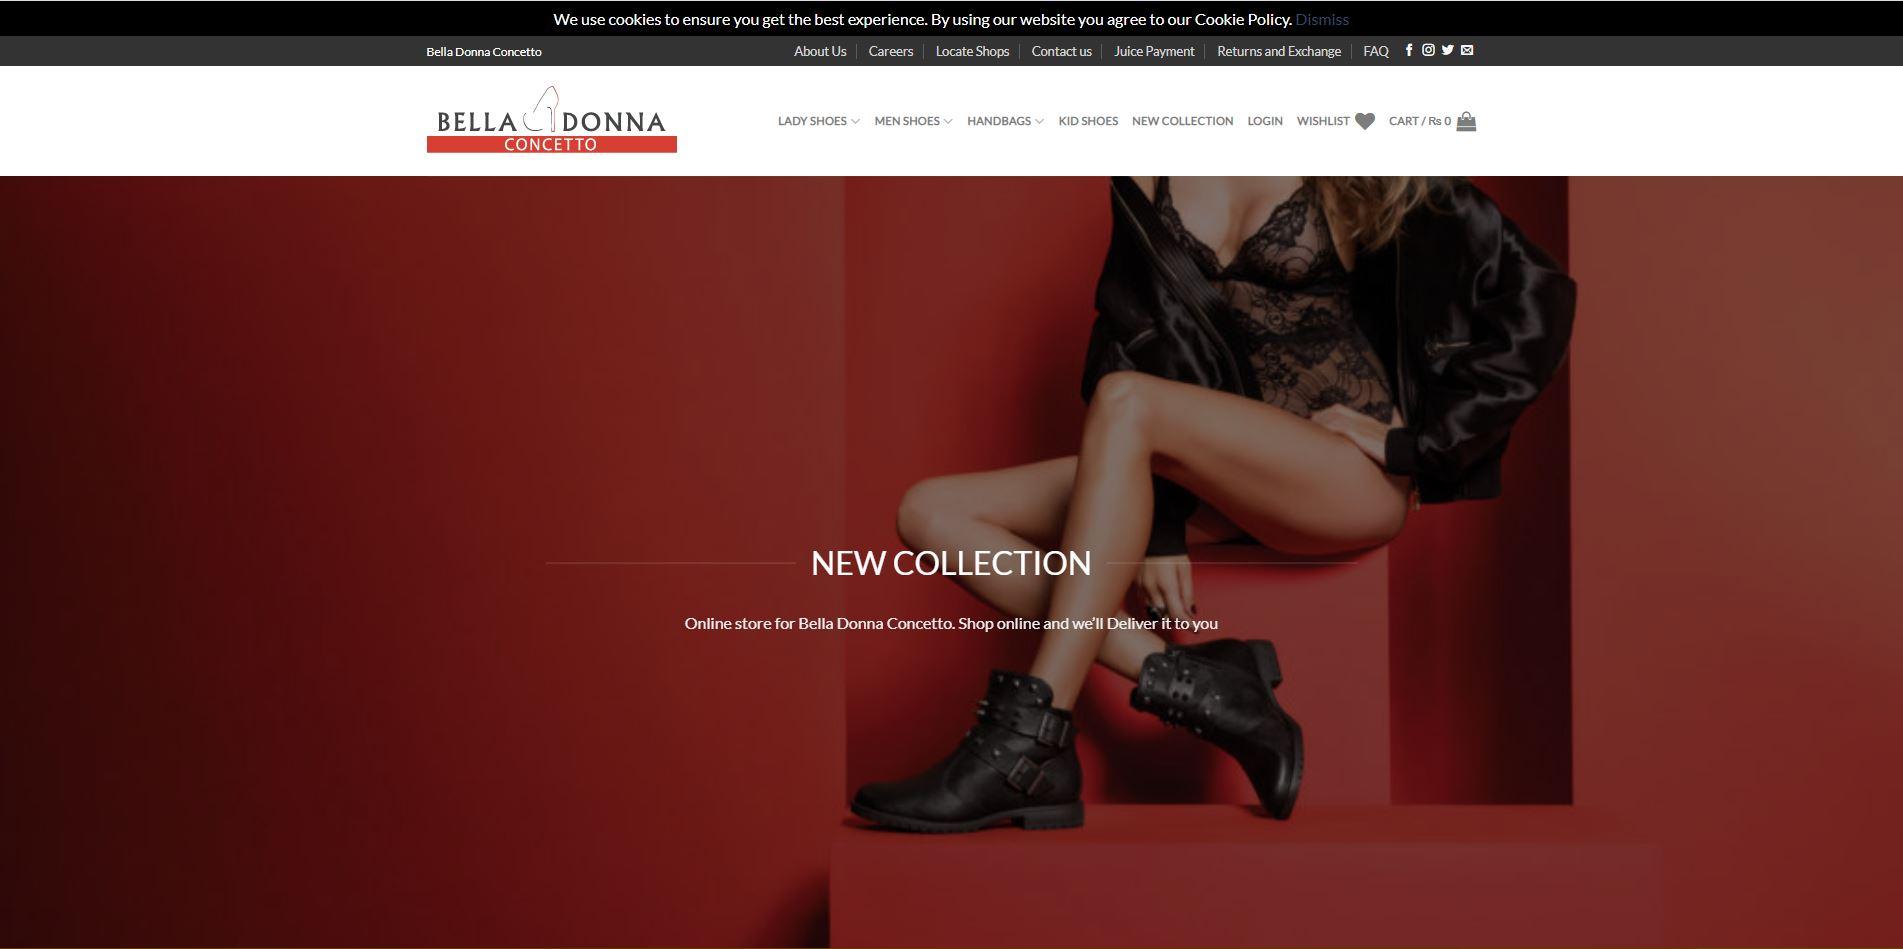 Bella-Dona-Digital-Marketing-Mauritius-E-commerce